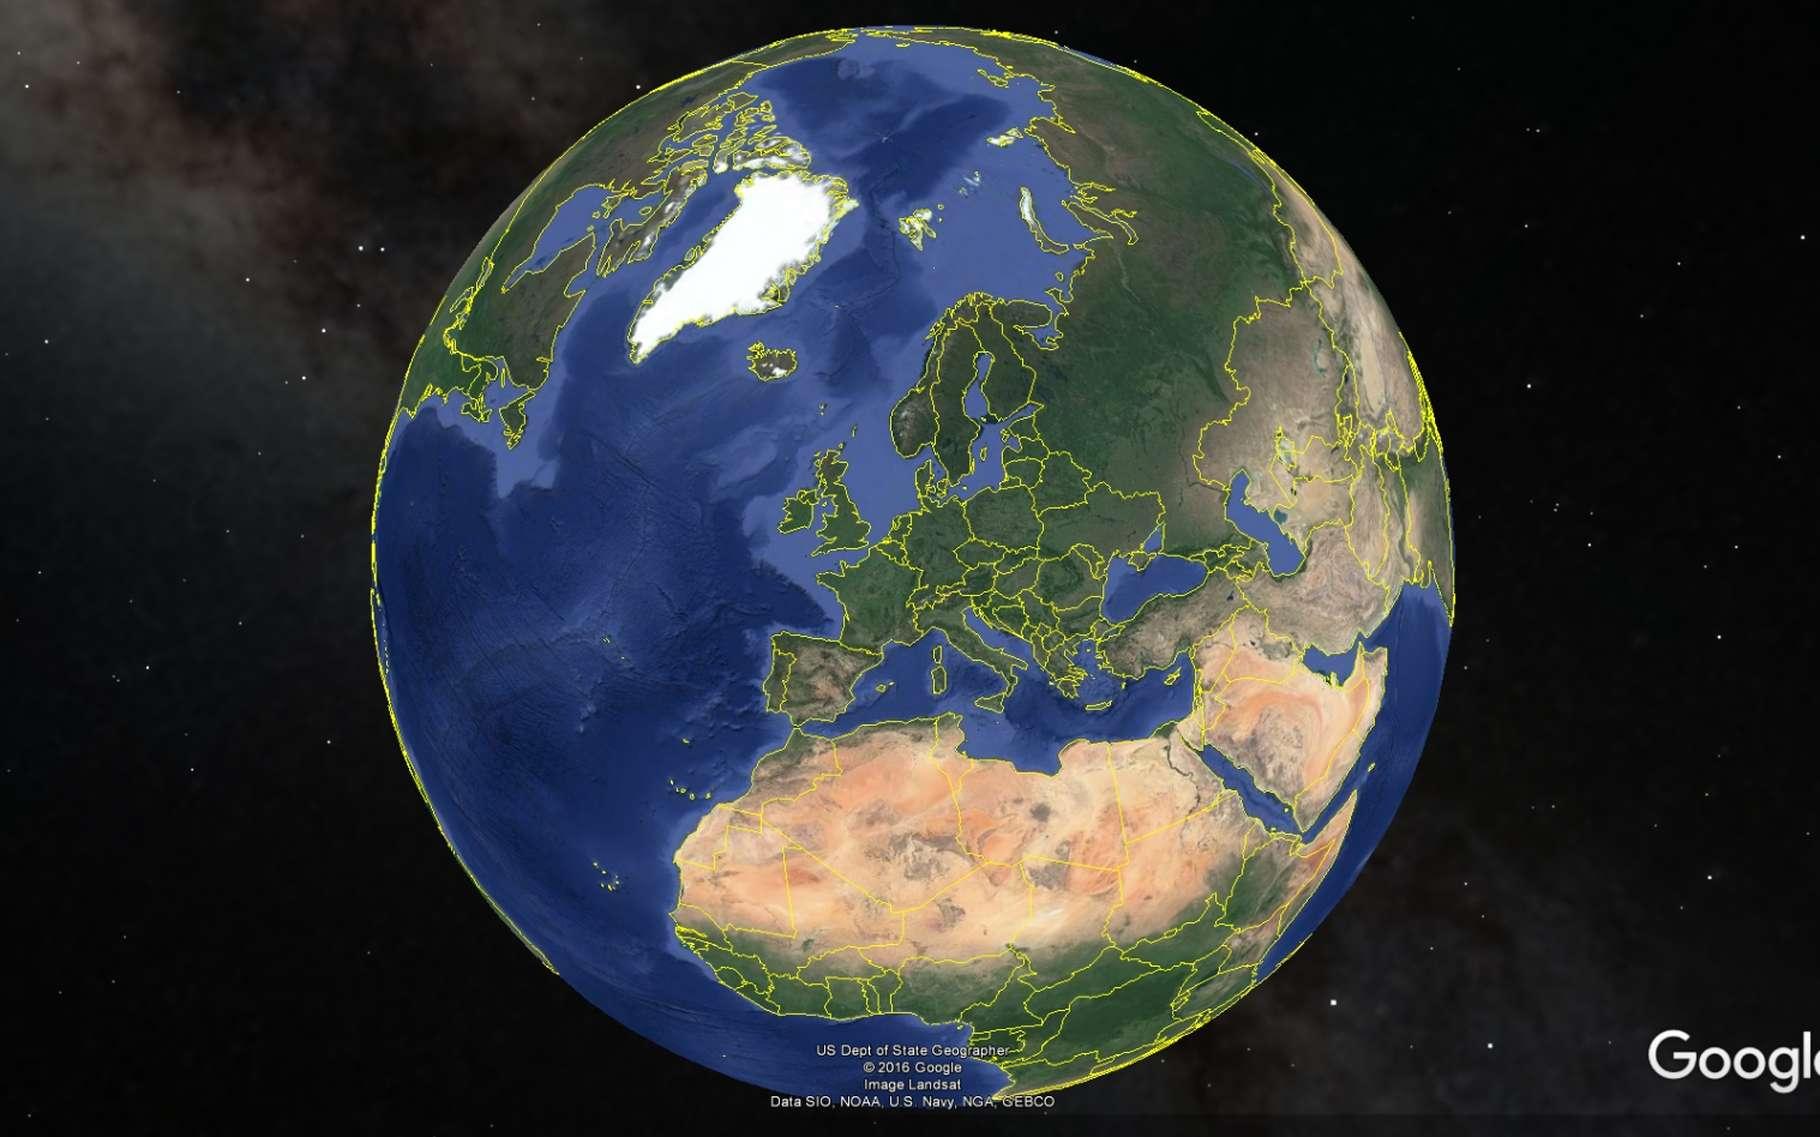 Google Earth fournit une image complète de la Terre. L'outil Earth Engine en offre 33, une pour chaque année entre 1984 et 2016. © Google